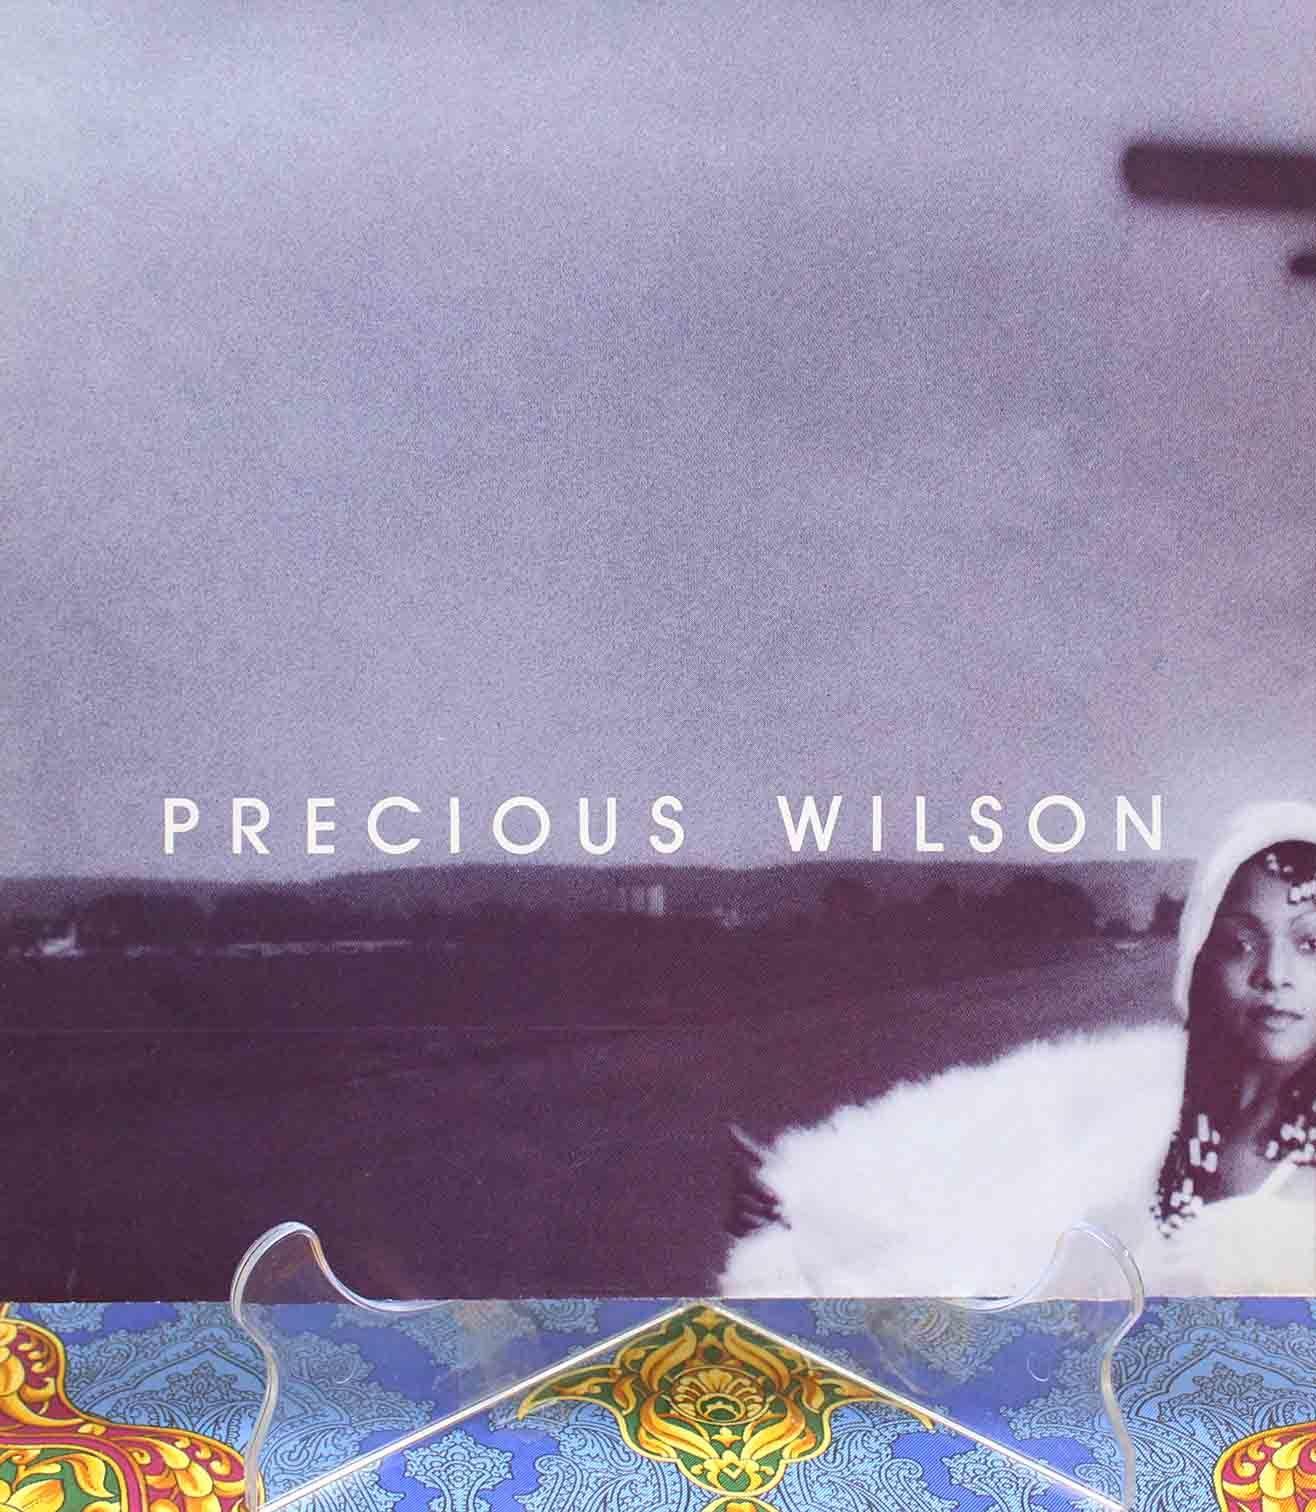 Precious Wilson – On The Race Track 05